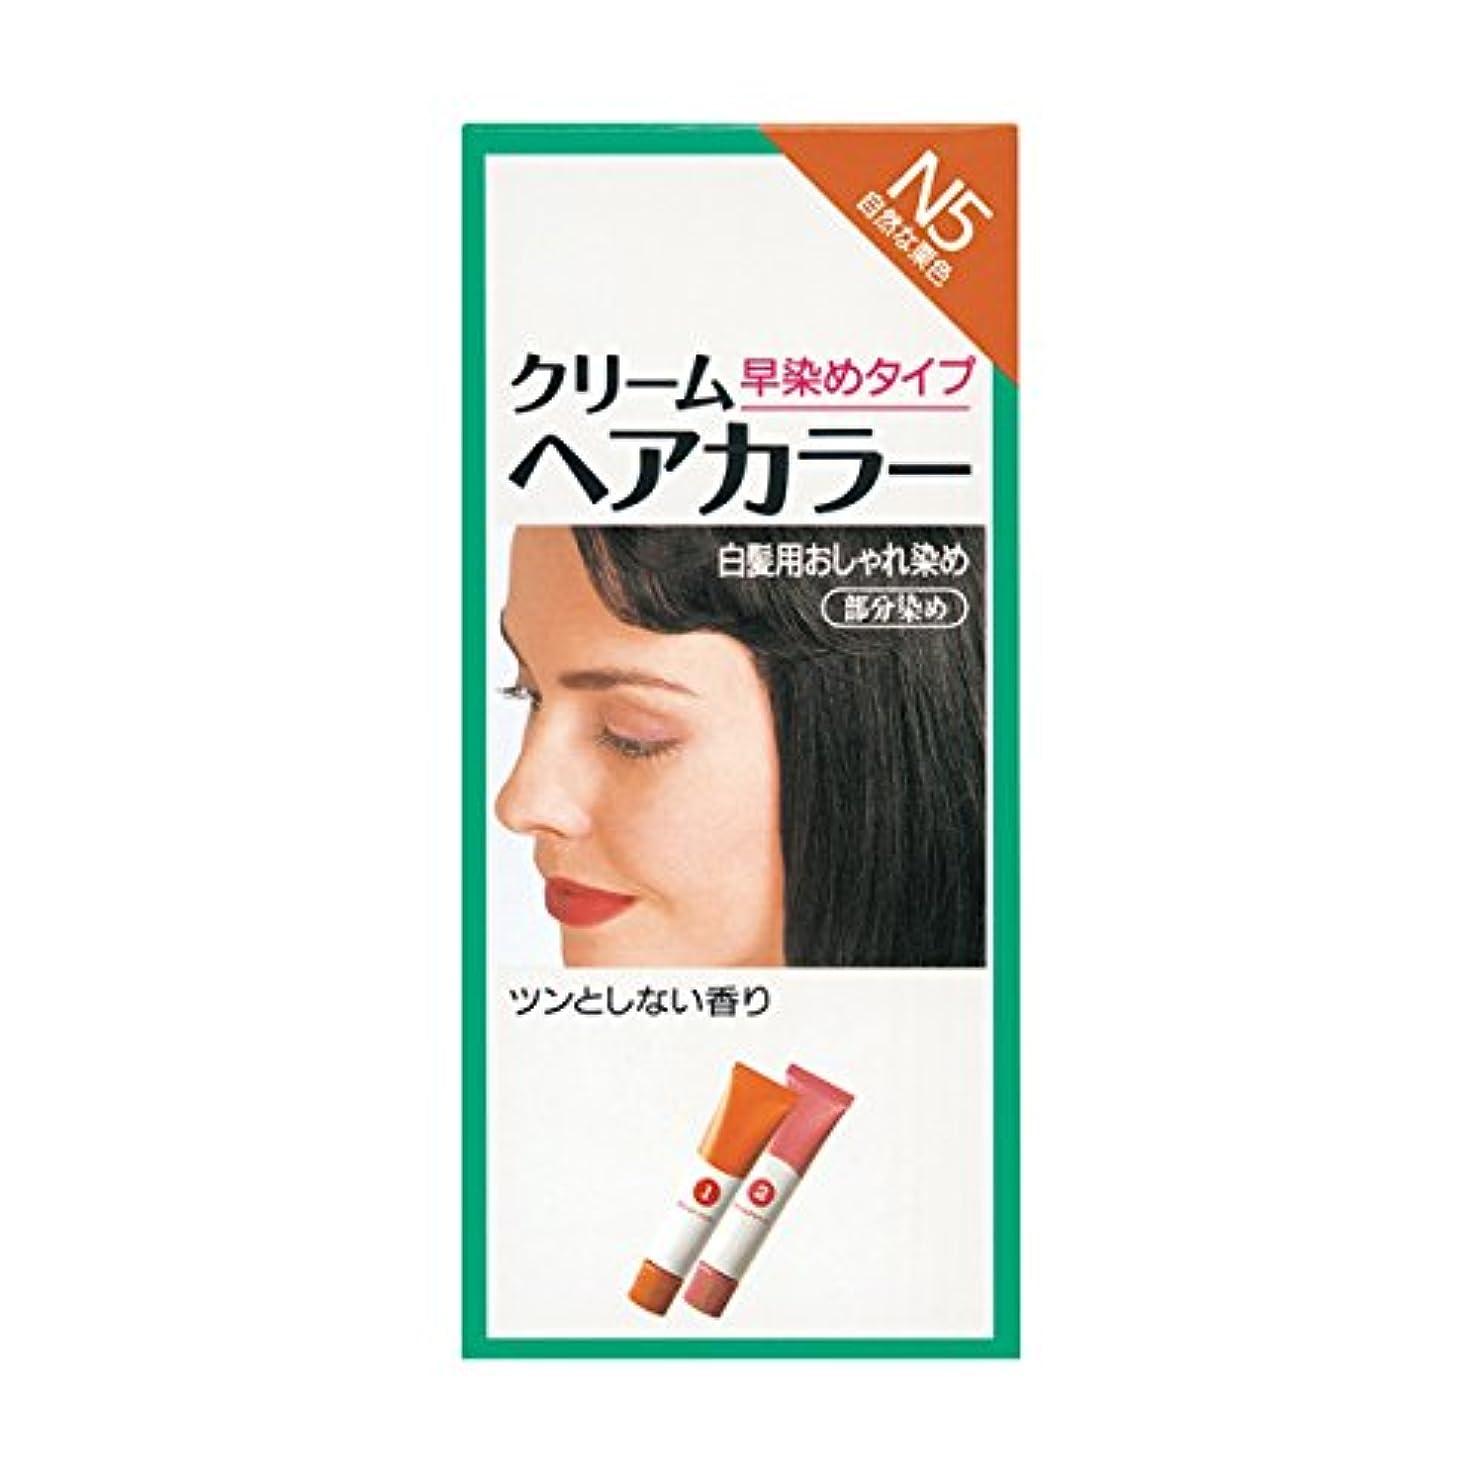 情熱的アトラス森ヘアカラー クリームヘアカラーN N5 【医薬部外品】